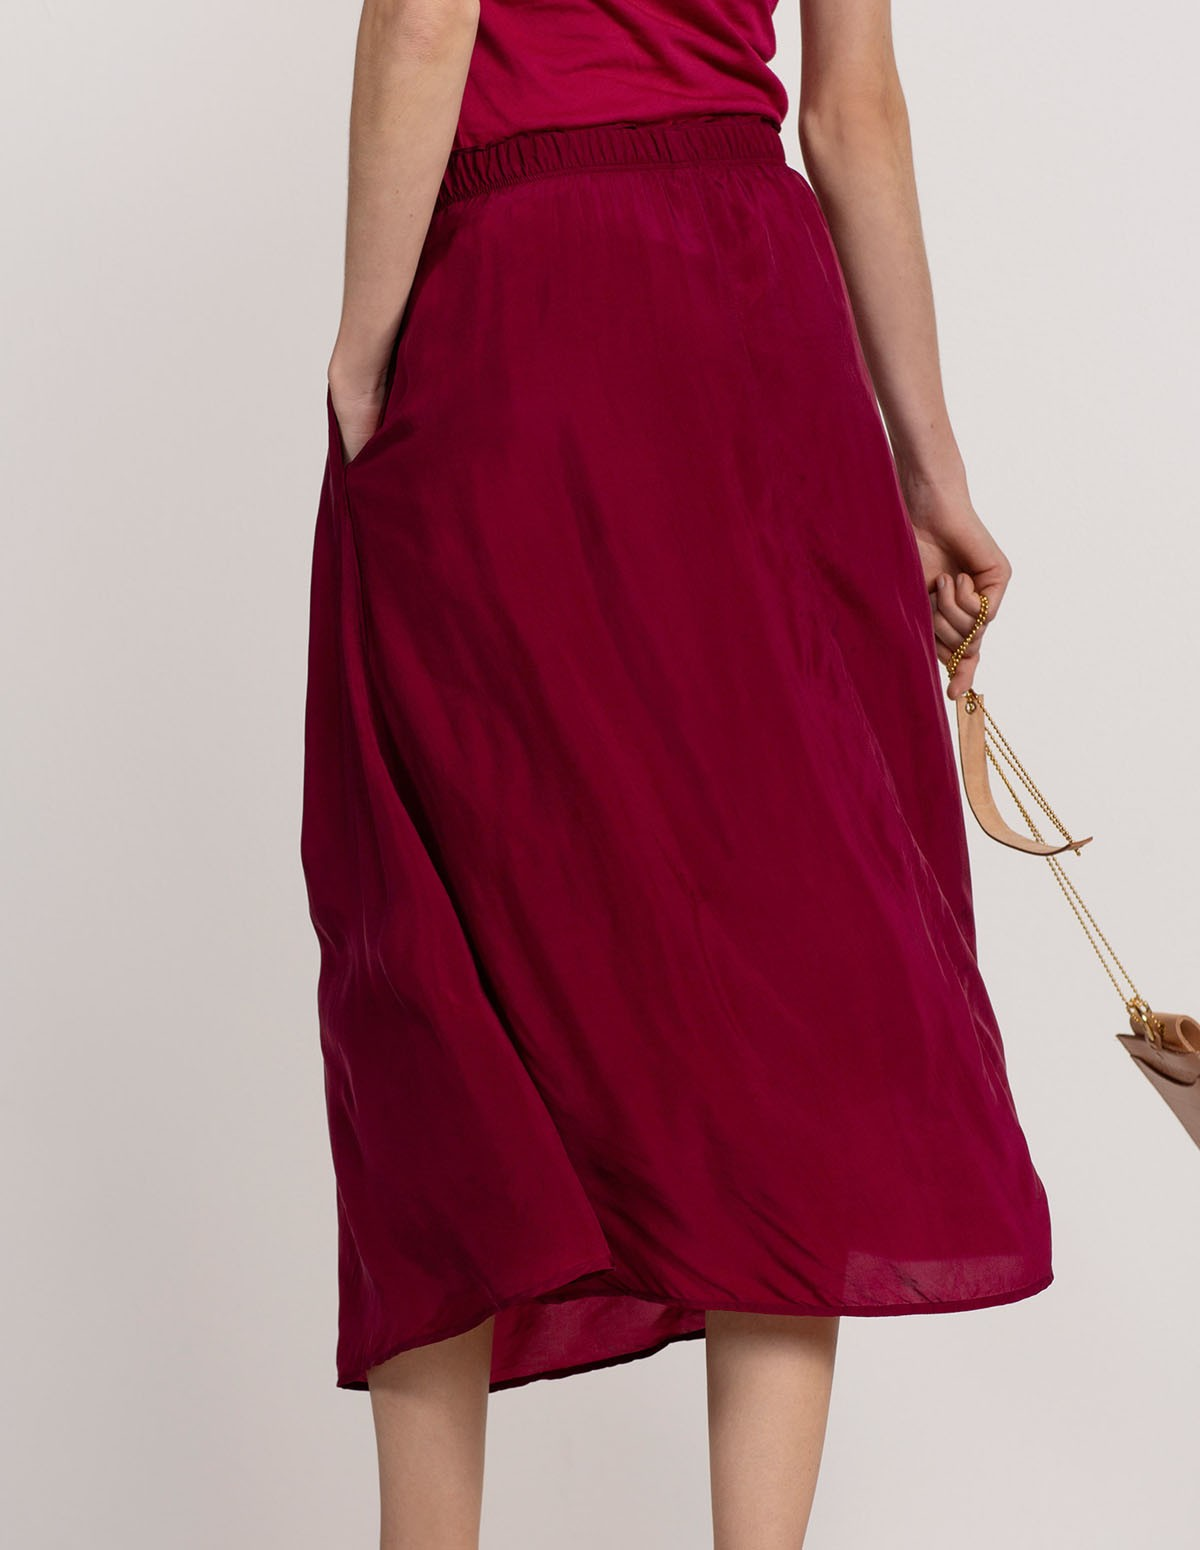 Huma Fenix Skirt